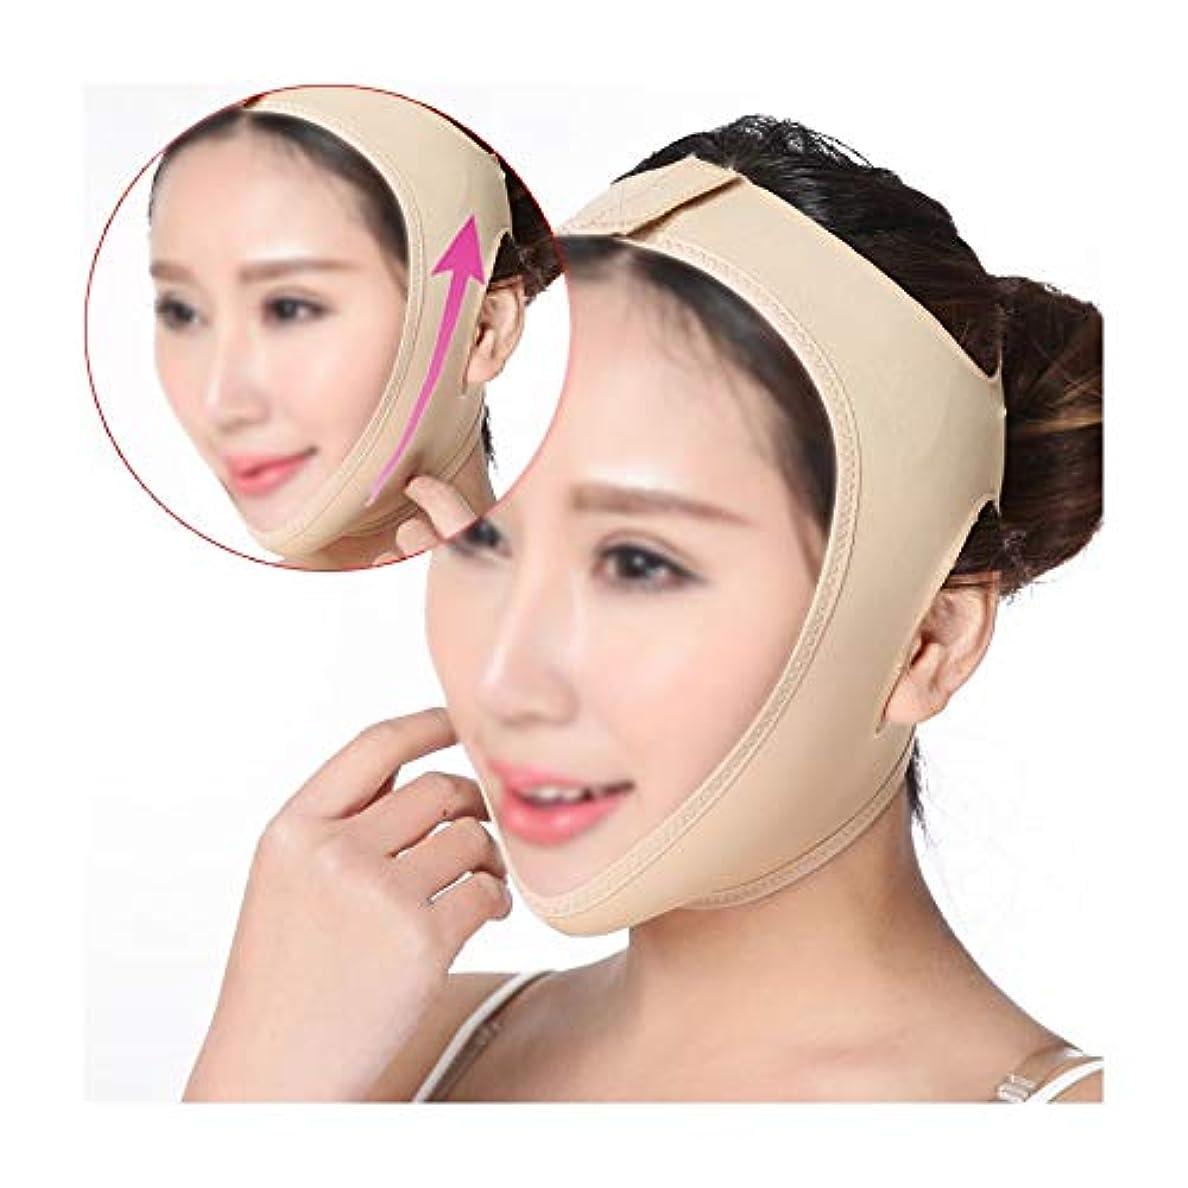 TLMY 引き締めマスクマスク通気性フェイシャル包帯Vフェイスデバイス睡眠薄いフェイスマスクフェイシャルマッサージフェイスリフティングツール 顔用整形マスク (Size : XL)